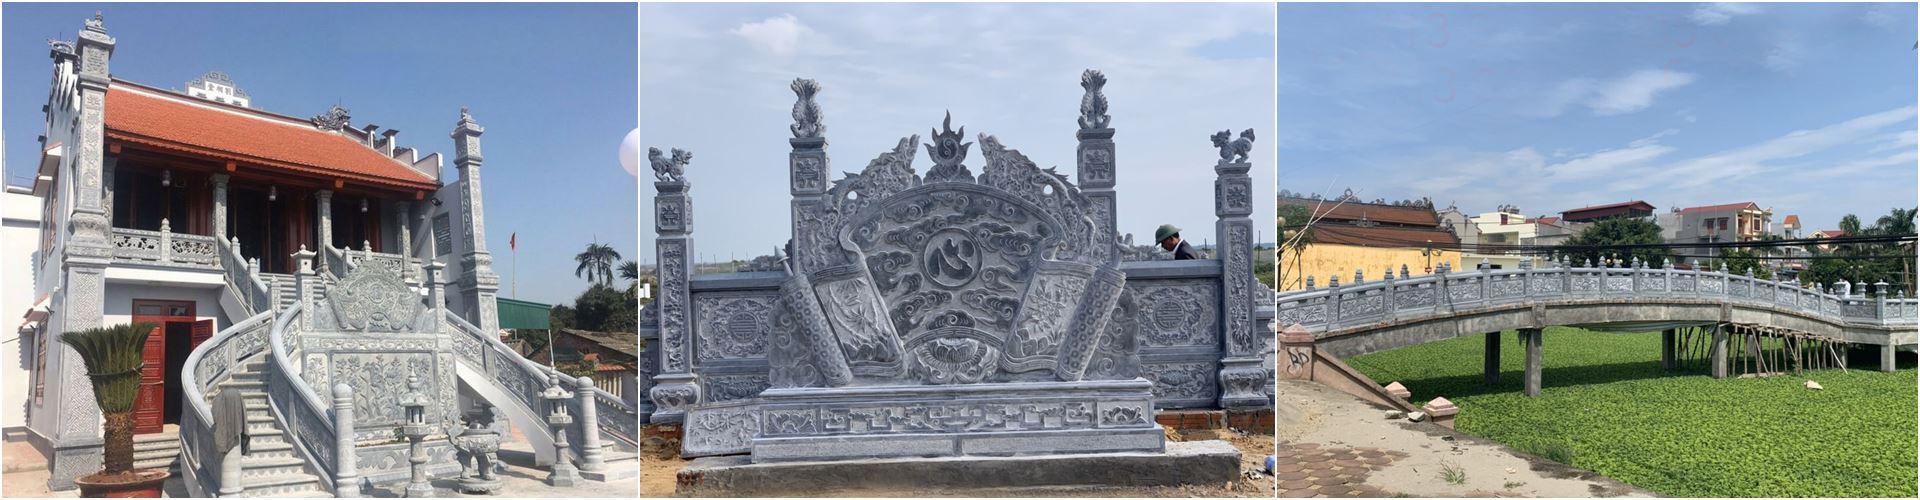 Banner - Da my nghe Thinh Hung - Da my nghe cao cap Ninh Binh